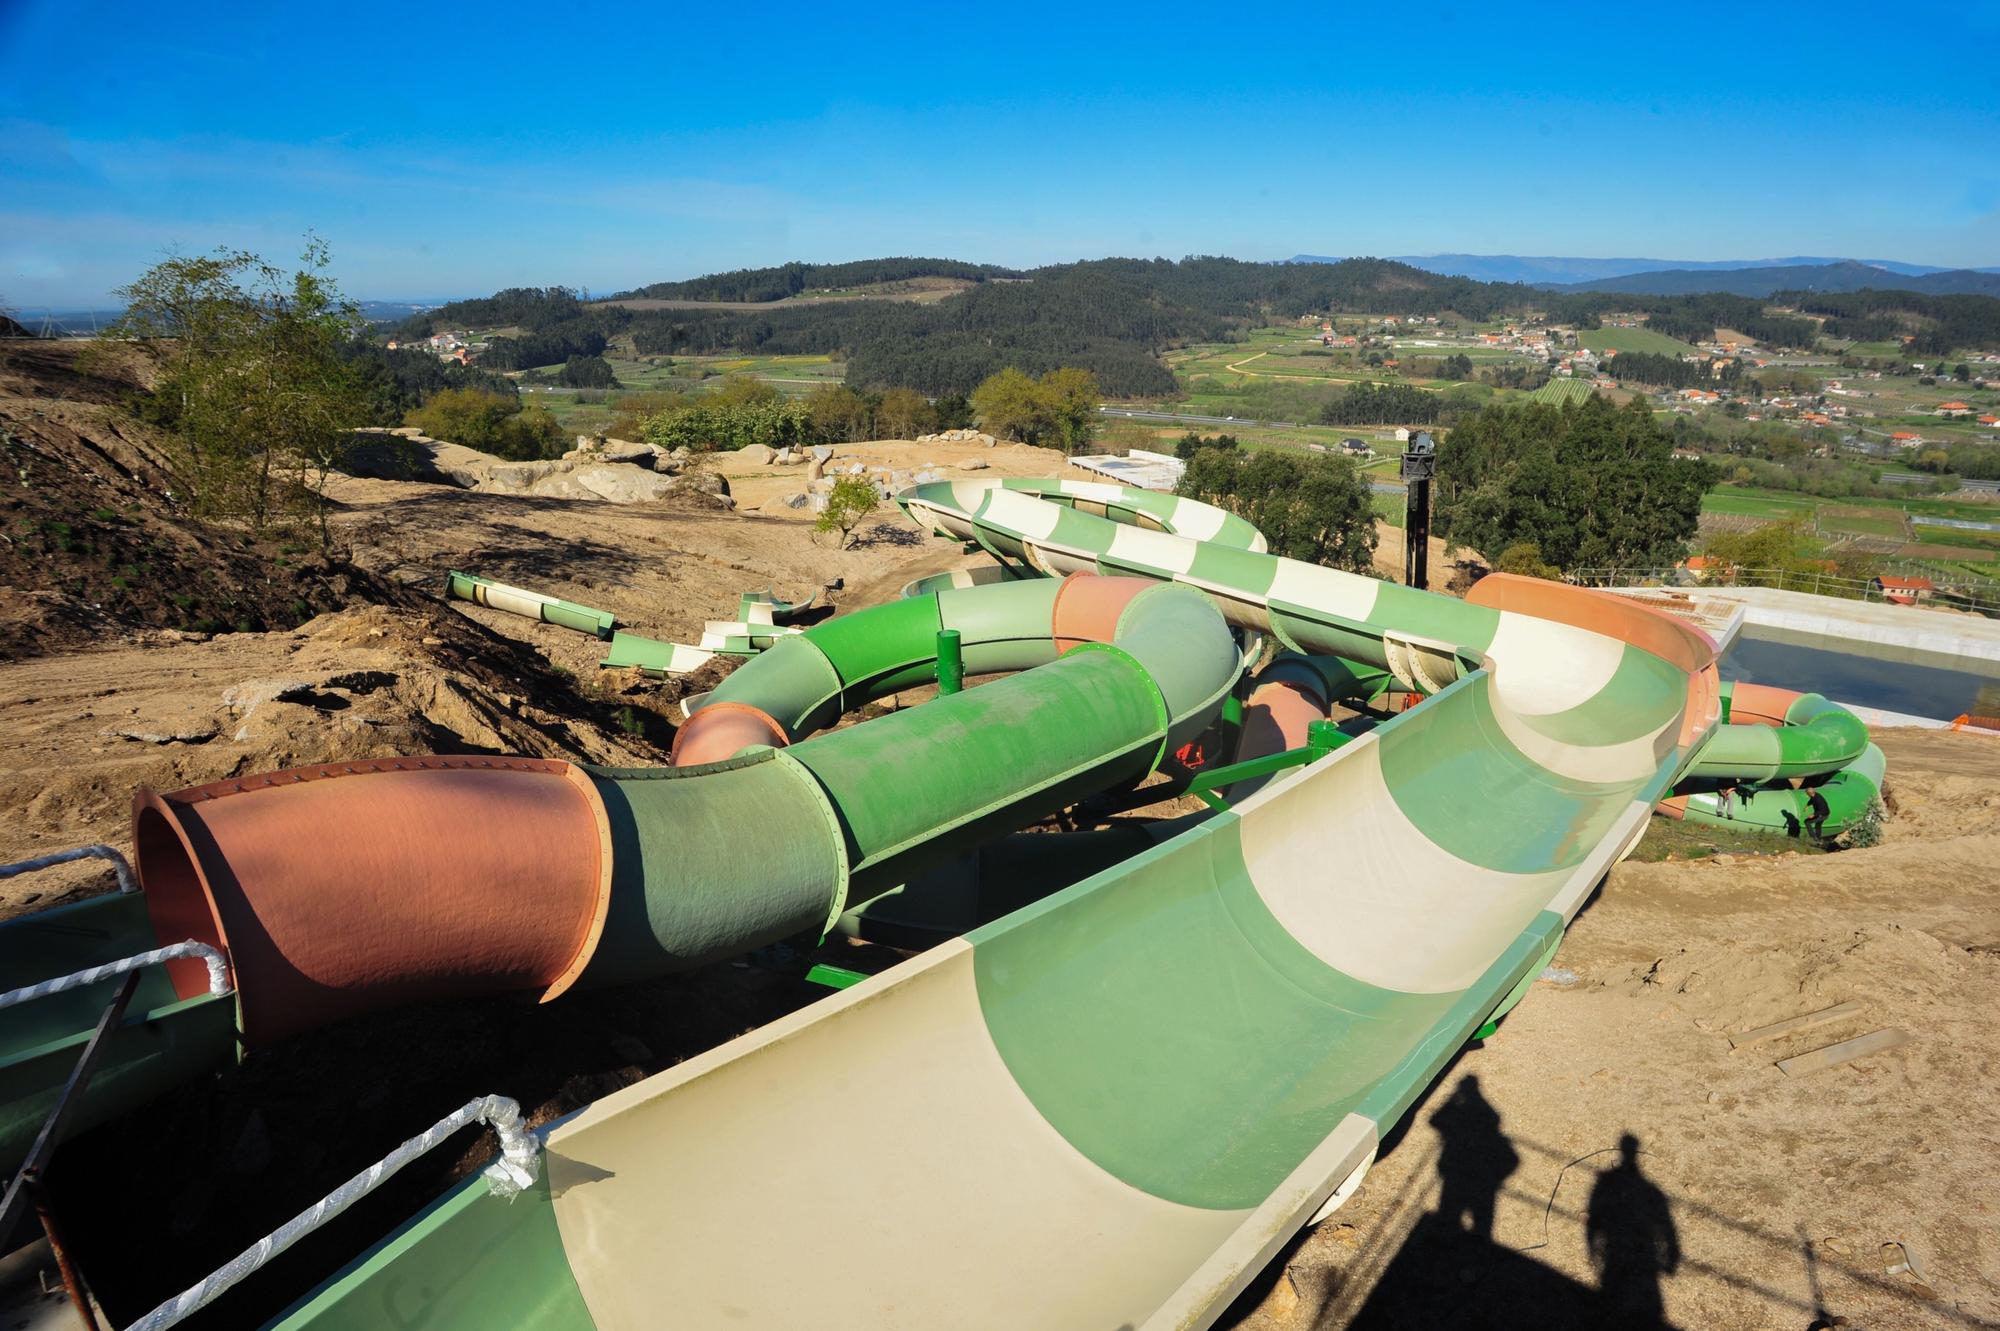 Así avanzan las obras del mayor parque acuático de Galicia